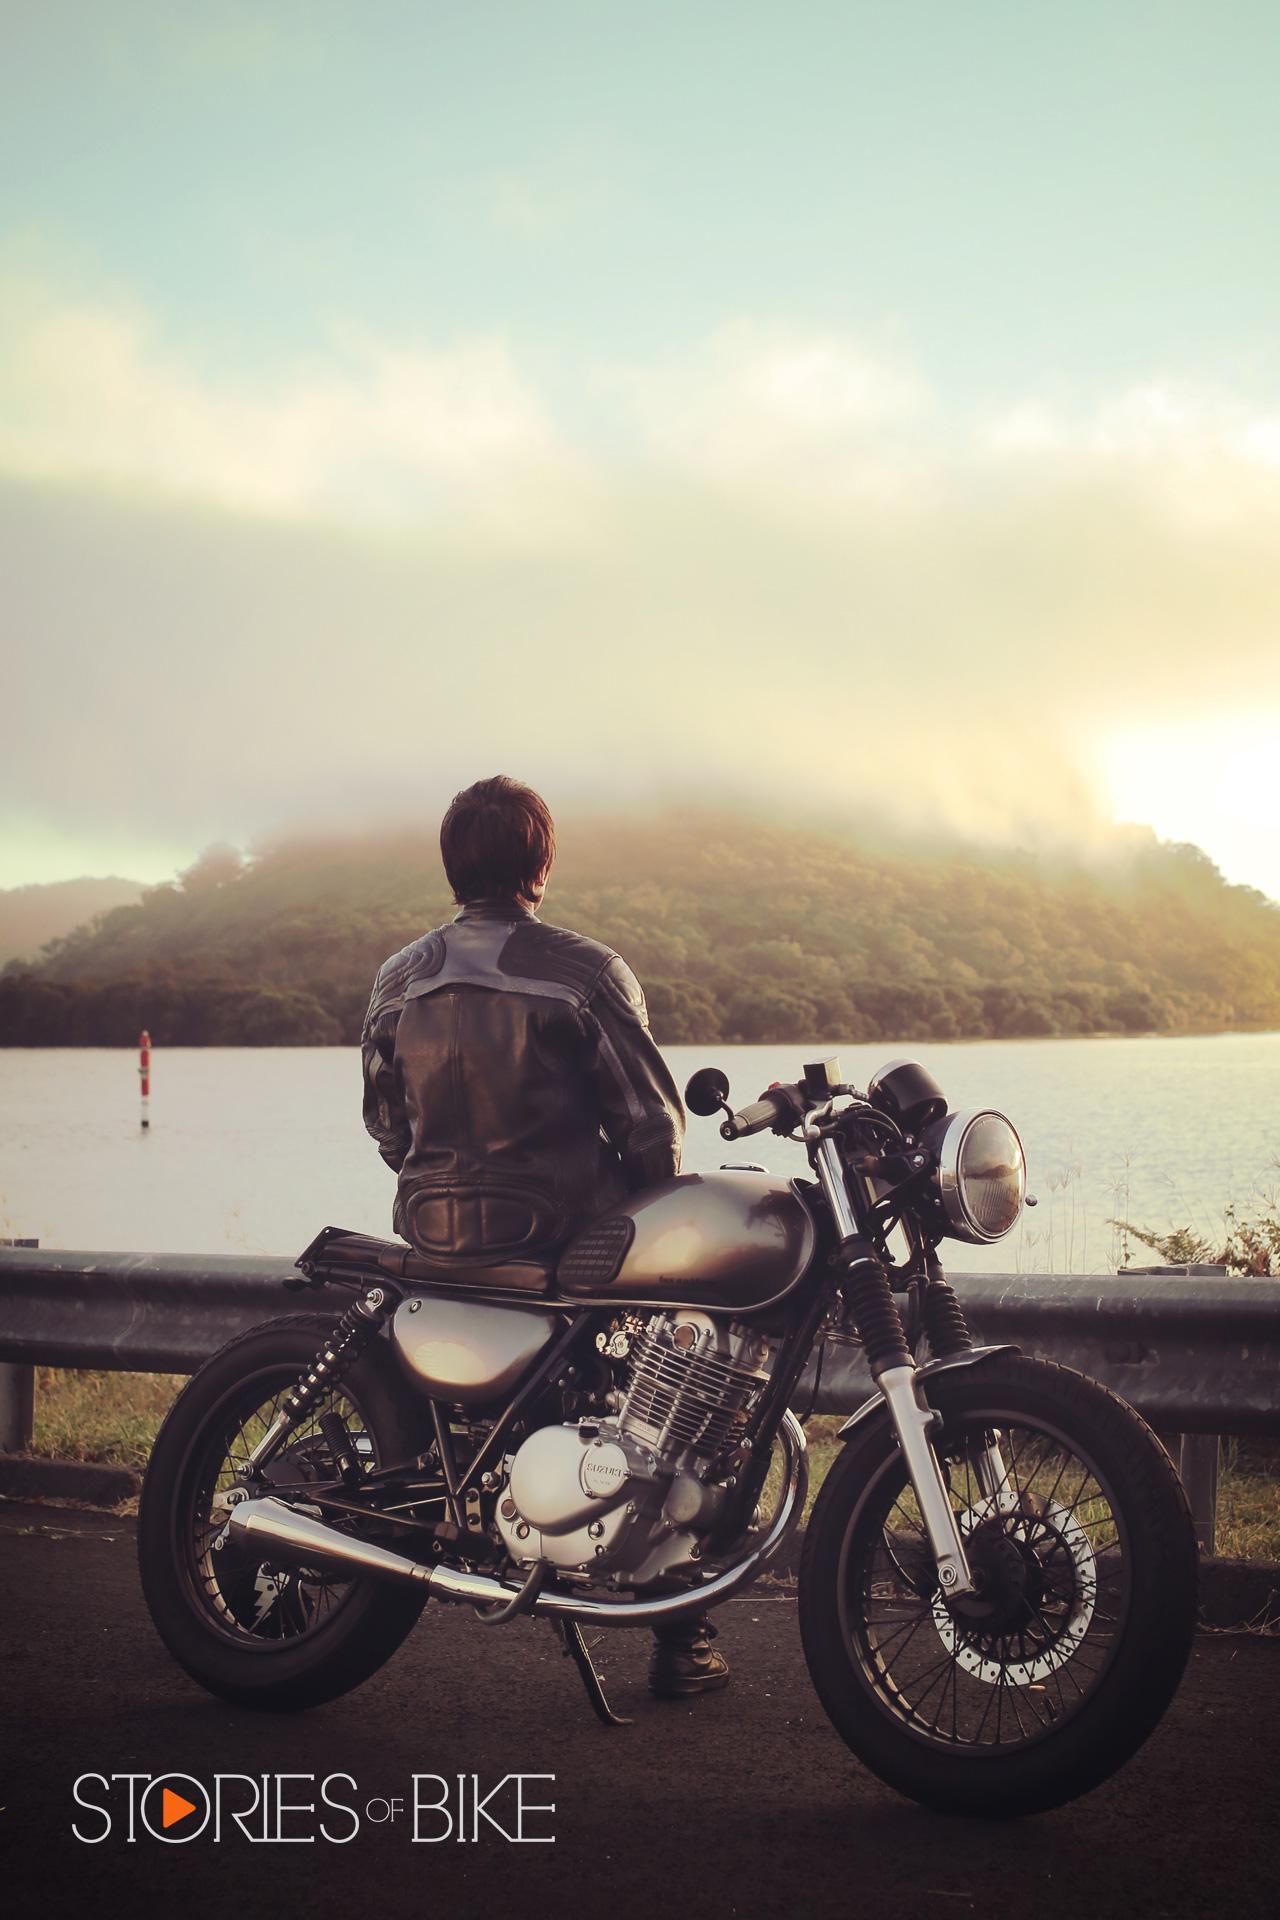 Stories_of_Bike_Ep10_7.jpg